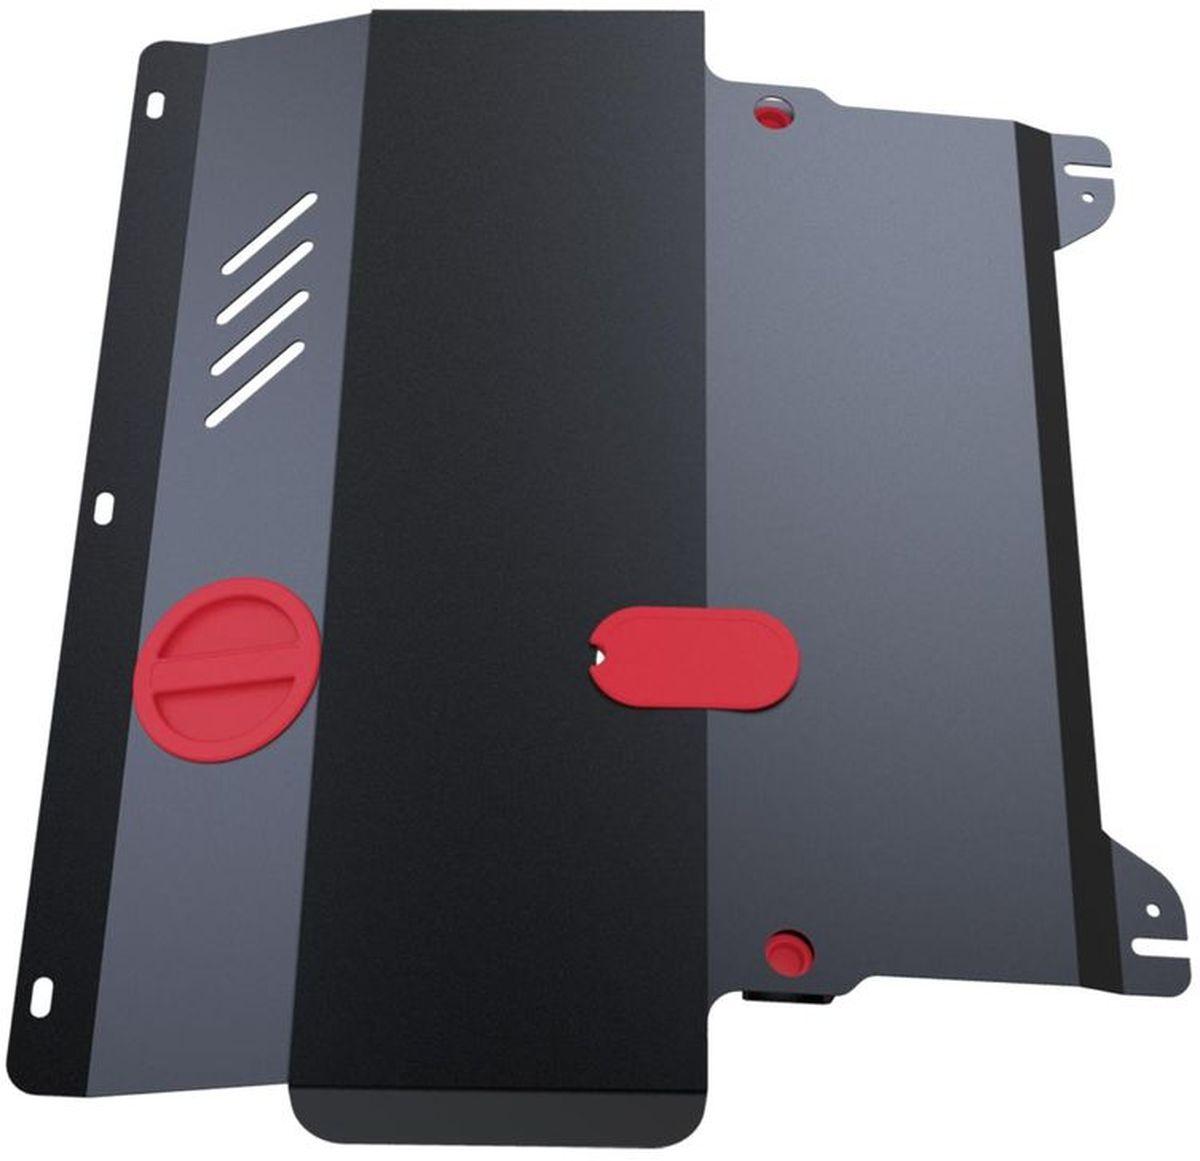 Защита картера Автоброня, для Nissan Primera P12, V - Все (2002-2008)2706 (ПО)Технологически совершенный продукт за невысокую стоимость.Защита разработана с учетом особенностей днища автомобиля, что позволяет сохранить дорожный просвет с минимальным изменением.Защита устанавливается в штатные места кузова автомобиля. Глубокий штамп обеспечивает до двух раз больше жесткости в сравнении с обычной защитой той же толщины. Проштампованные ребра жесткости препятствуют деформации защиты при ударах.Тепловой зазор и вентиляционные отверстия обеспечивают сохранение температурного режима двигателя в норме. Скрытый крепеж предотвращает срыв крепежных элементов при наезде на препятствие.Шумопоглощающие резиновые элементы обеспечивают комфортную езду без вибраций и скрежета металла, а съемные лючки для слива масла и замены фильтра - экономию средств и время.Конструкция изделия не влияет на пассивную безопасность автомобиля (при ударе защита не воздействует на деформационные зоны кузова). Со штатным крепежом. В комплекте инструкция по установке.Толщина стали: 2 мм.Уважаемые клиенты!Обращаем ваше внимание, что элемент защиты имеет форму, соответствующую модели данного автомобиля. Фото служит для визуального восприятия товара и может отличаться от фактического.